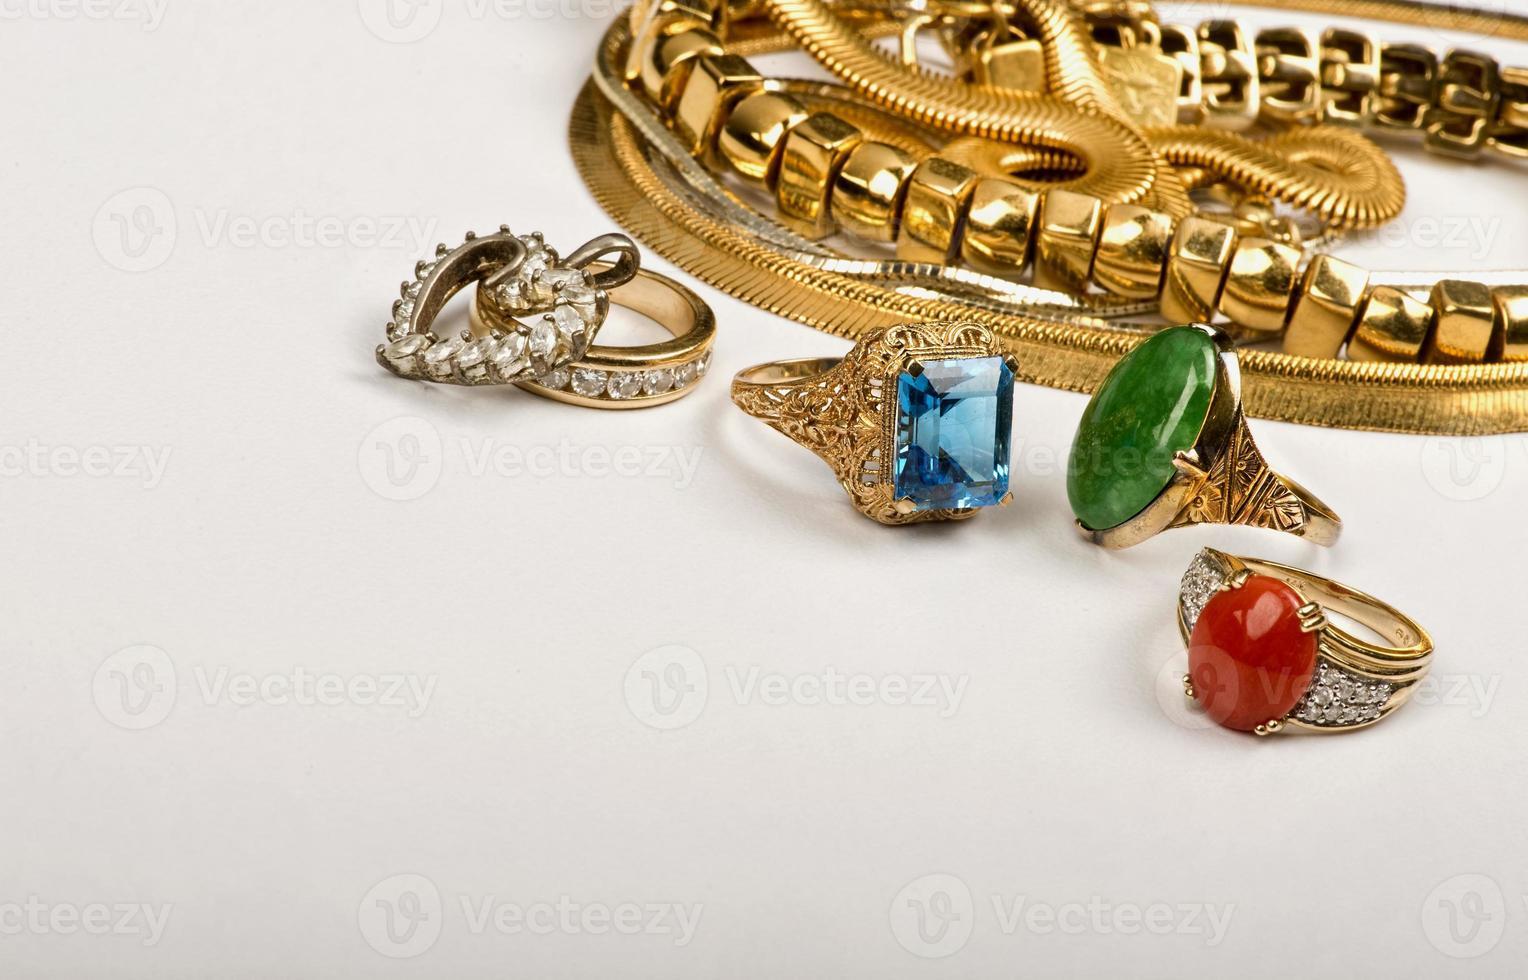 ferraille des bijoux en or. photo